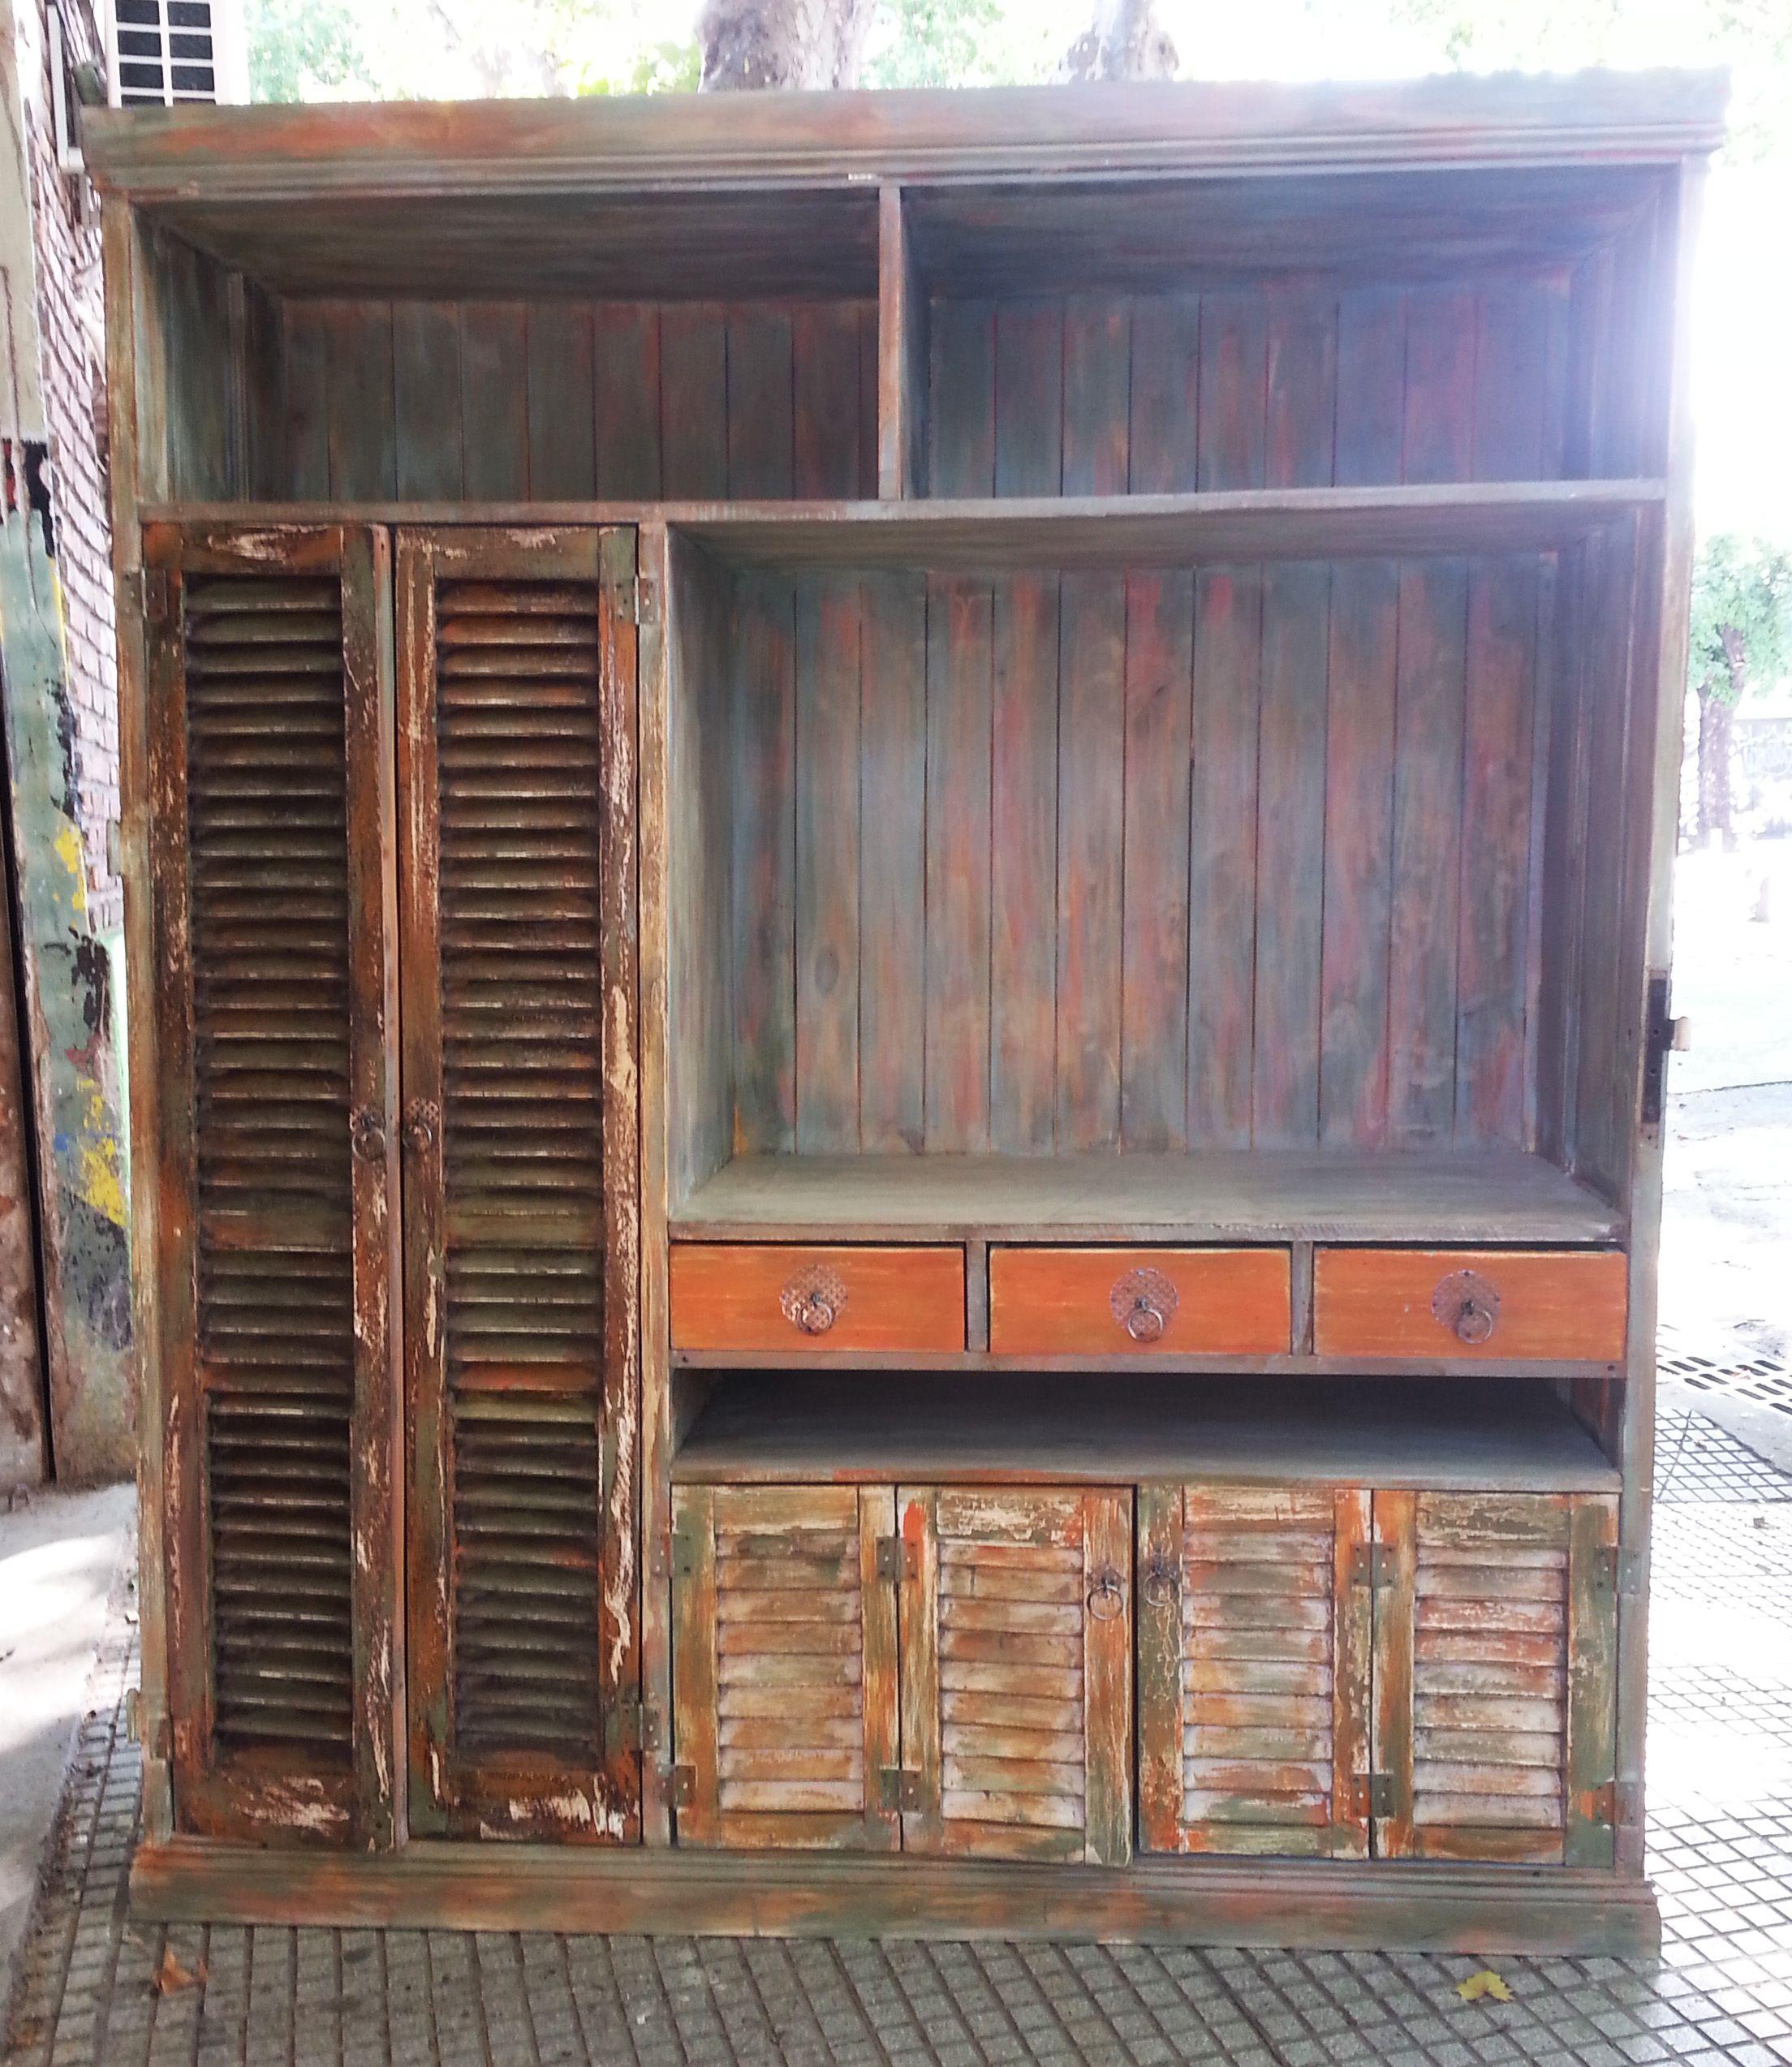 Muebles con alzada muebles rusticos madera reciclada ropero muebles casa pinterest - Muebles de madera rusticos ...